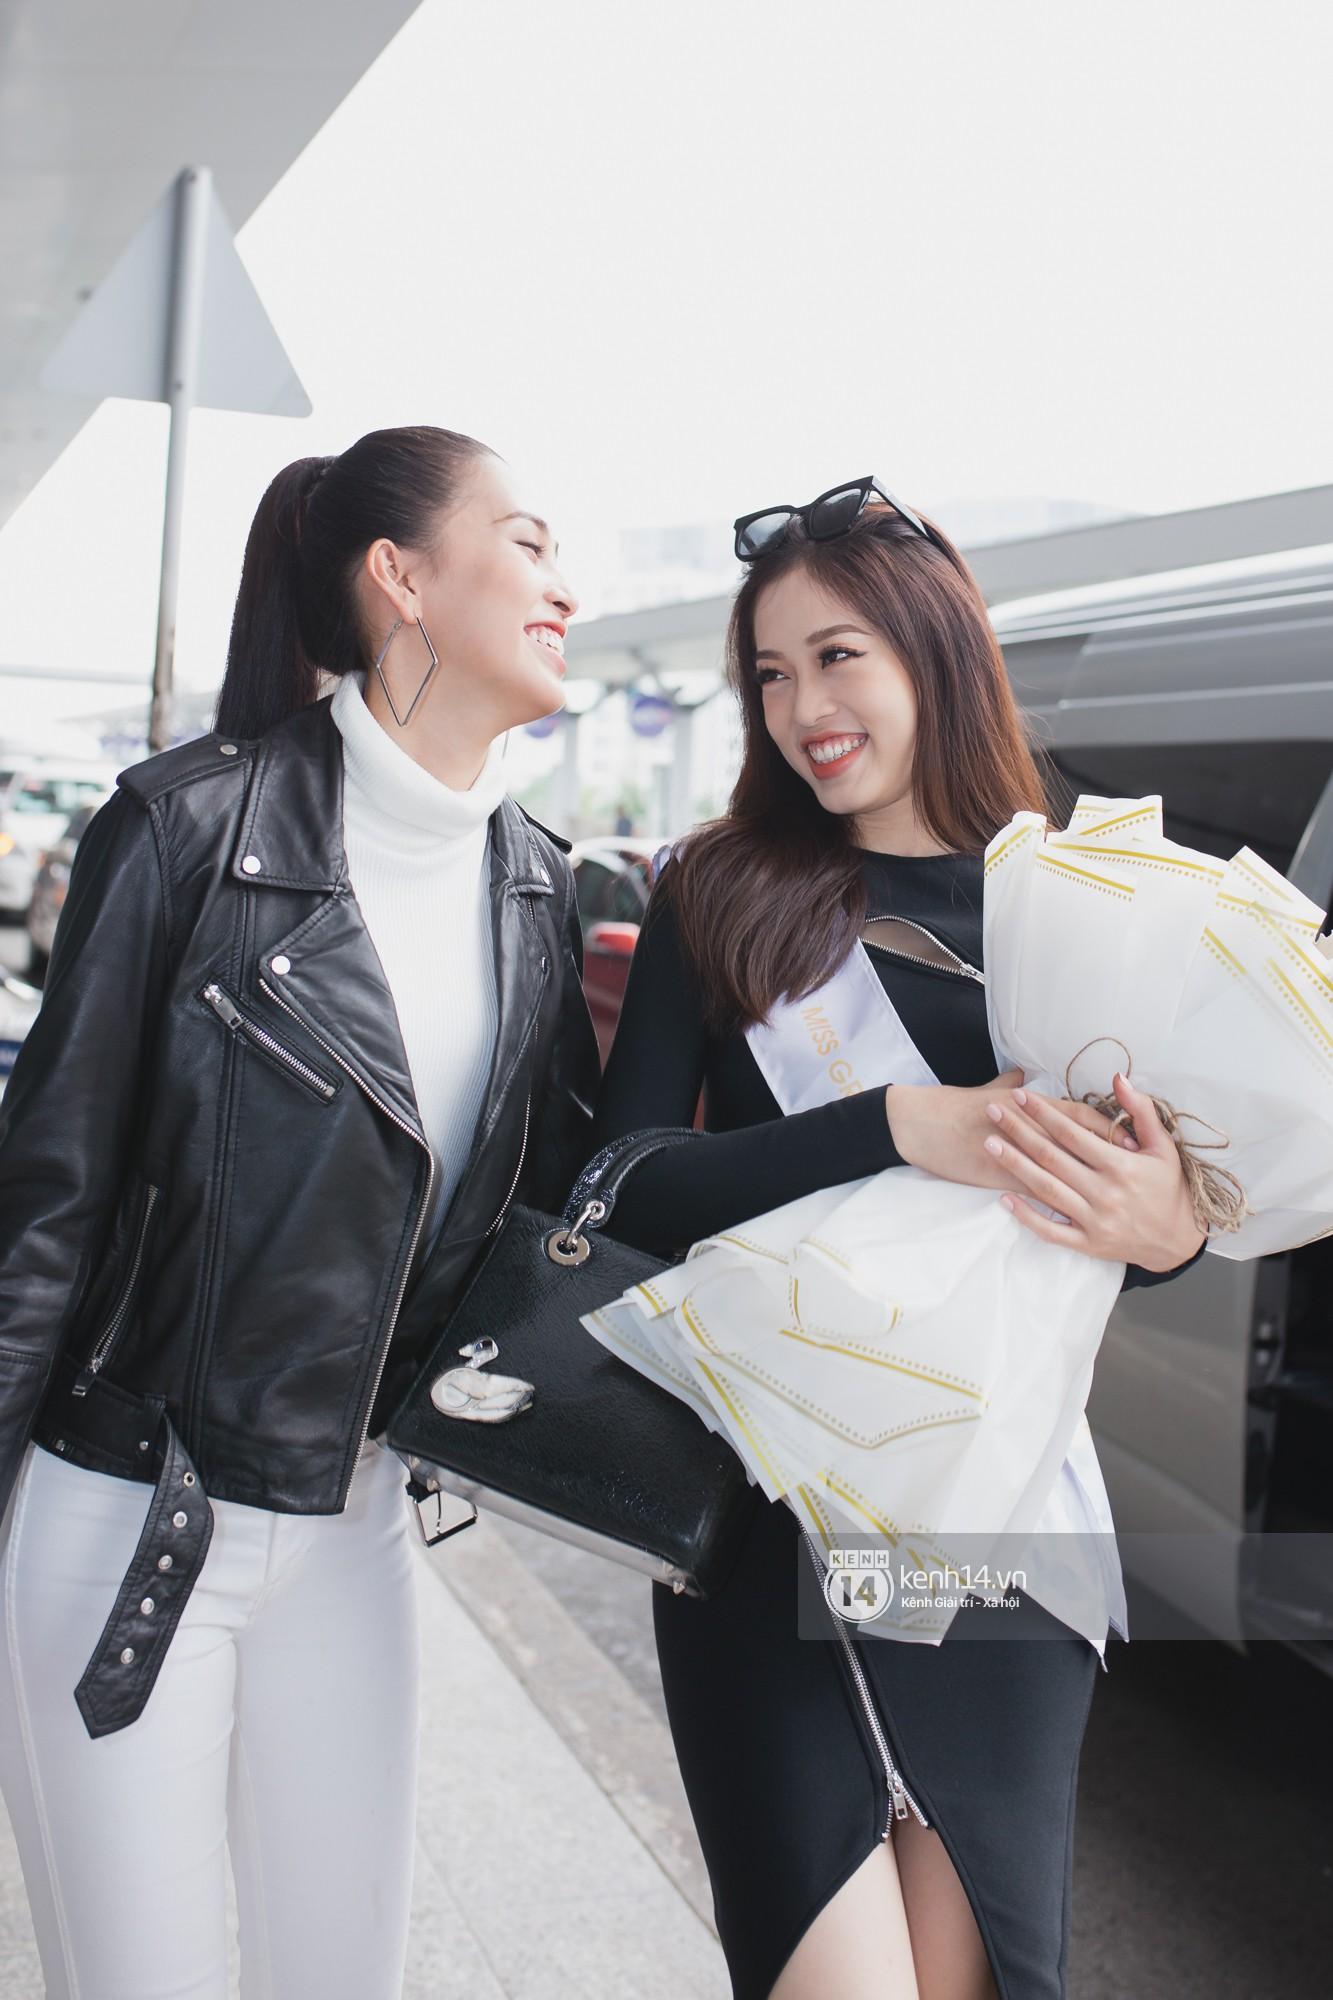 Vừa trở về từ Pháp tức thì, Trần Tiểu Vy ở lại sân bay tiễn Bùi Phương Nga đi Myanmar tham dự Hoa hậu Hoà bình Quốc tế - Ảnh 5.